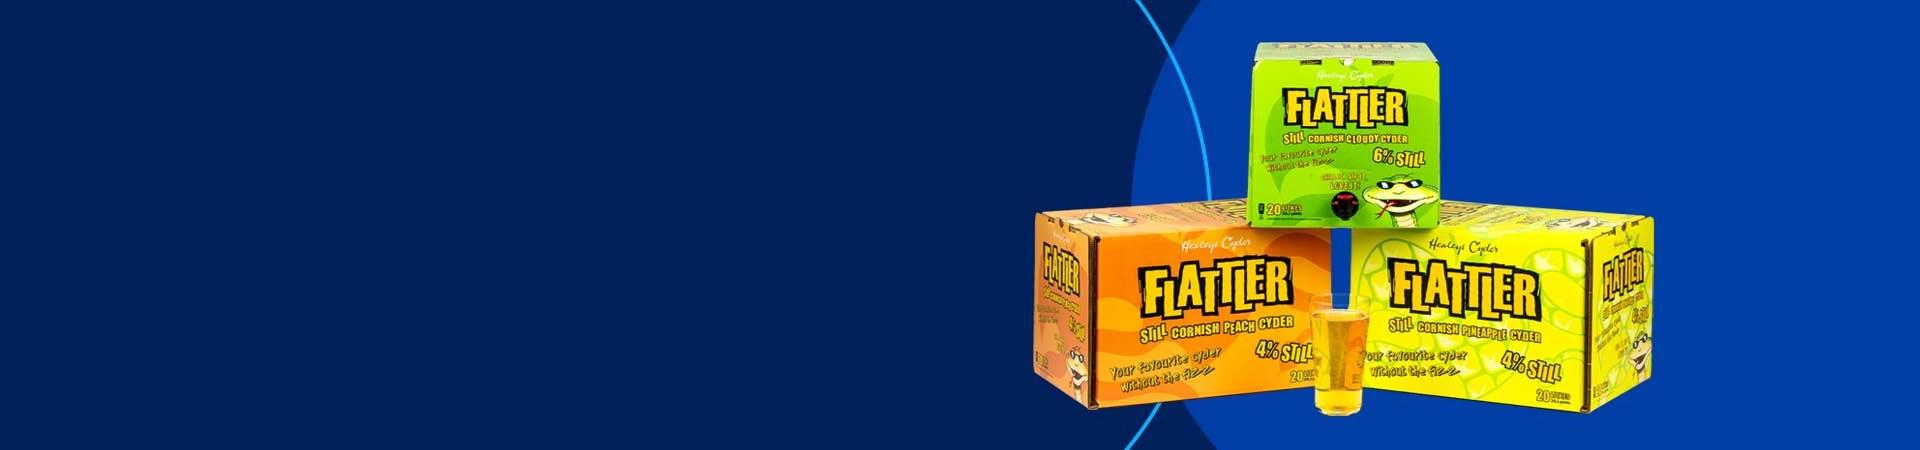 Cider packaging, packaging for cider